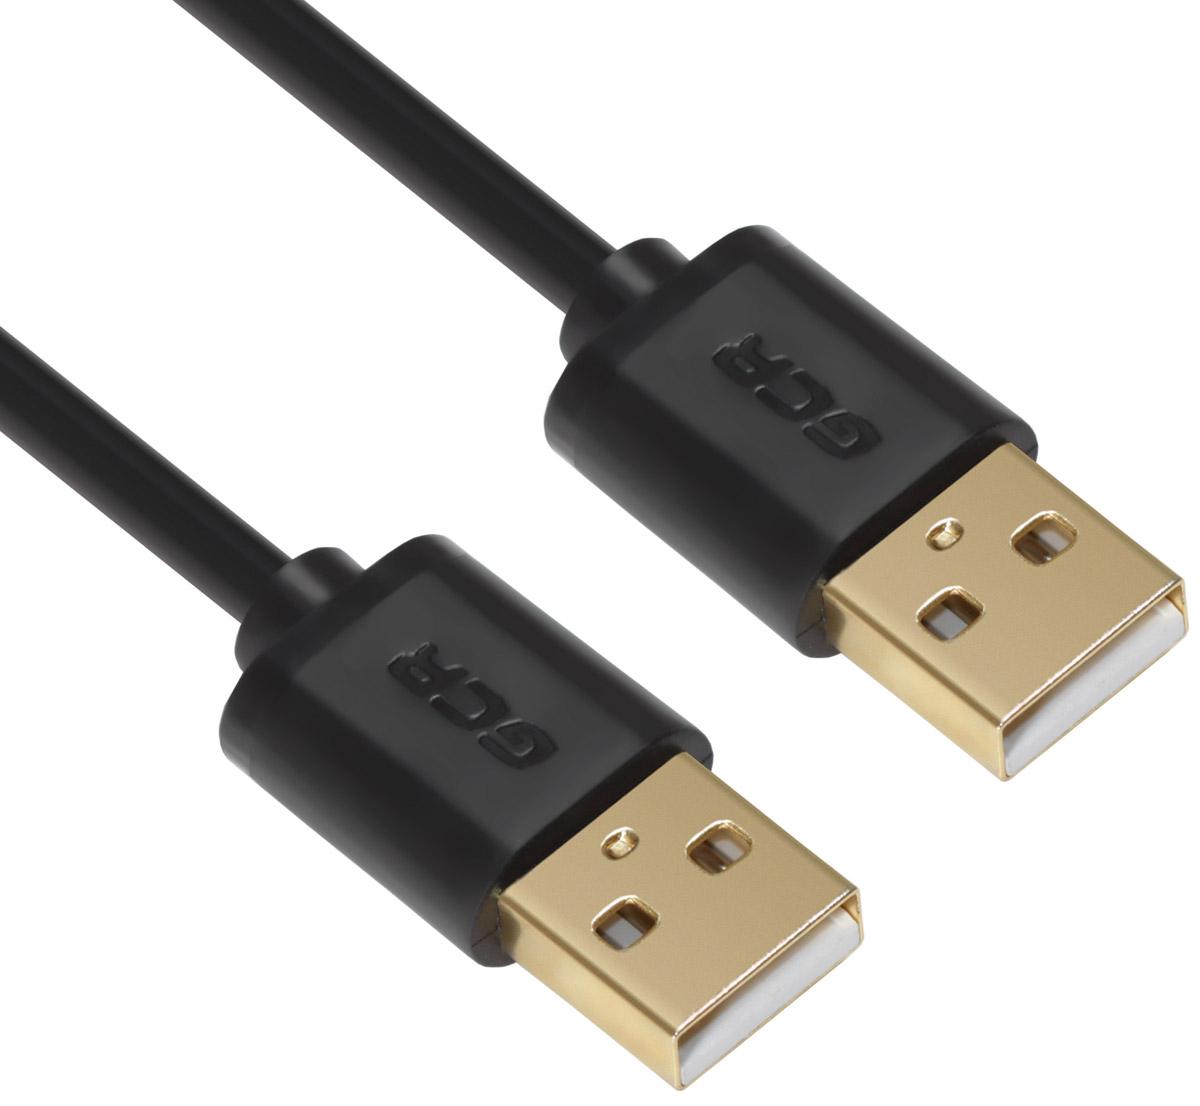 Greenconnect Russia GCR-UM5M-BB2SG, Black кабель USB (1,5 м)GCR-UM5M-BB2SG-1.5mКабель Greenconnect Russia GCR-UM5M-BB2SG позволит увеличить расстояние до подключаемого устройства. Может быть использован с различными USB девайсами. Экранирование кабеля позволит защитить сигнал при передаче от влияния внешних полей, способных создать помехи.